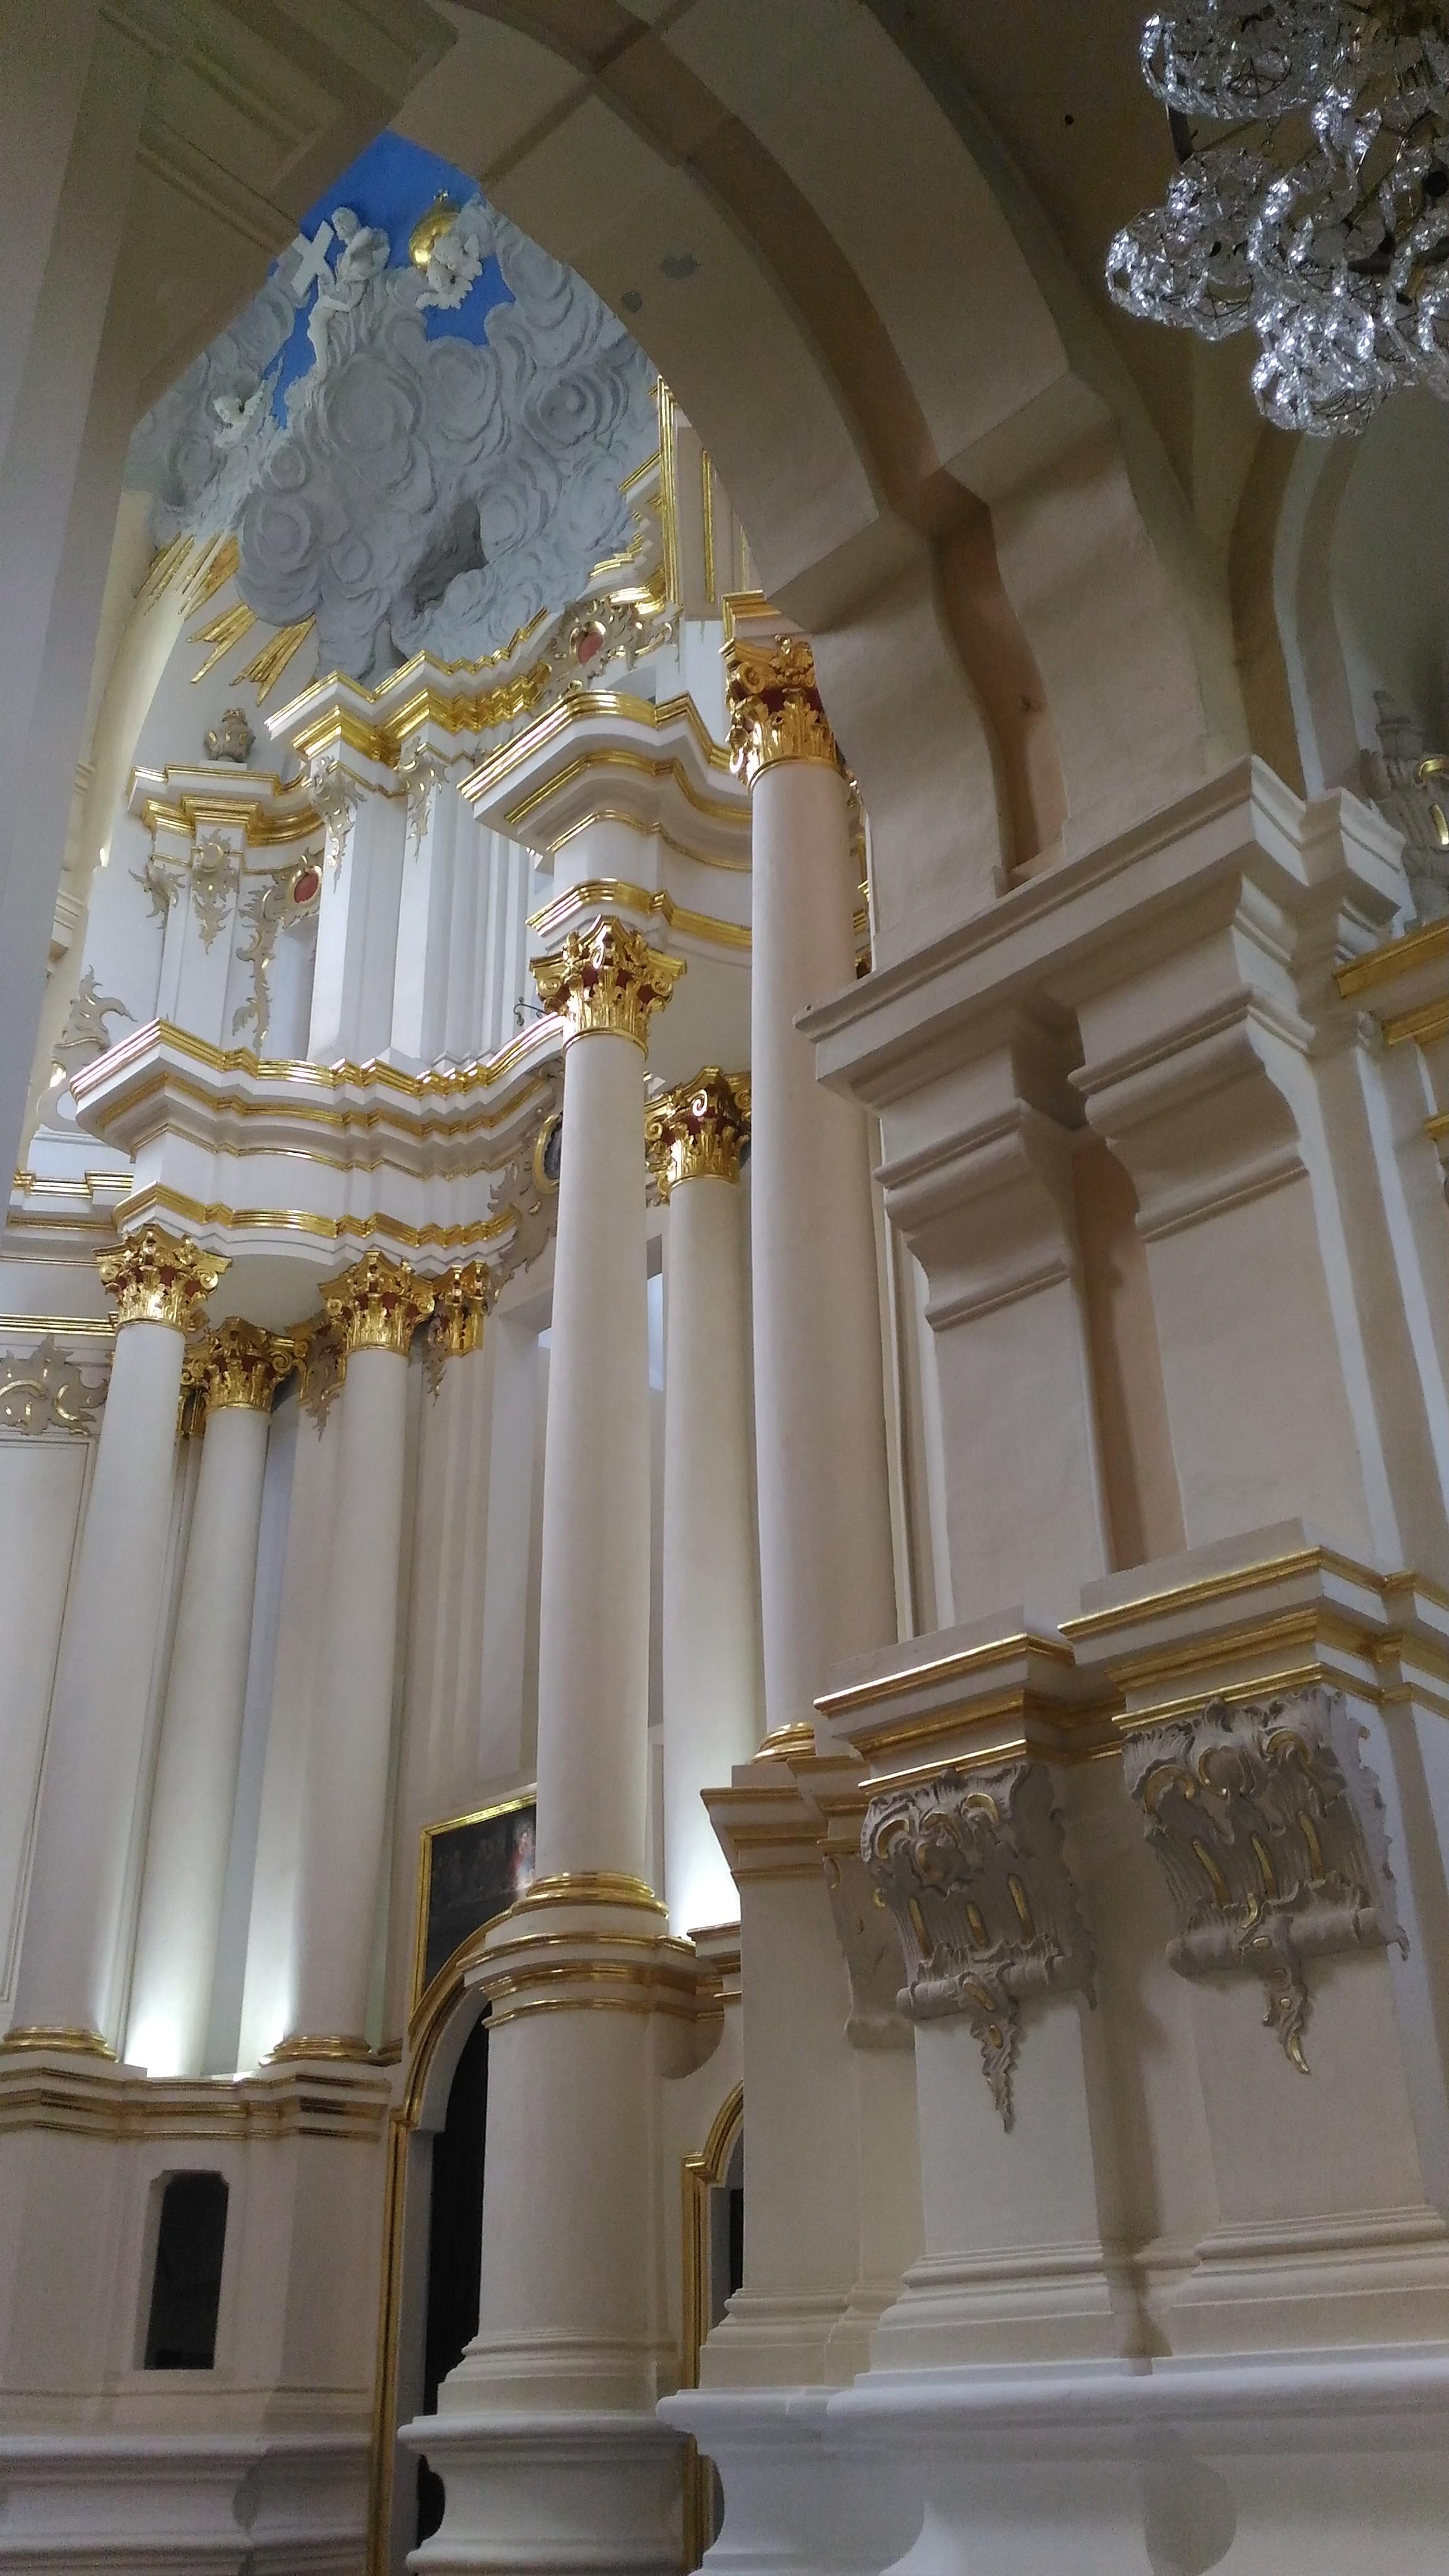 P 20190914 141858 - Софийский собор в Полоцке